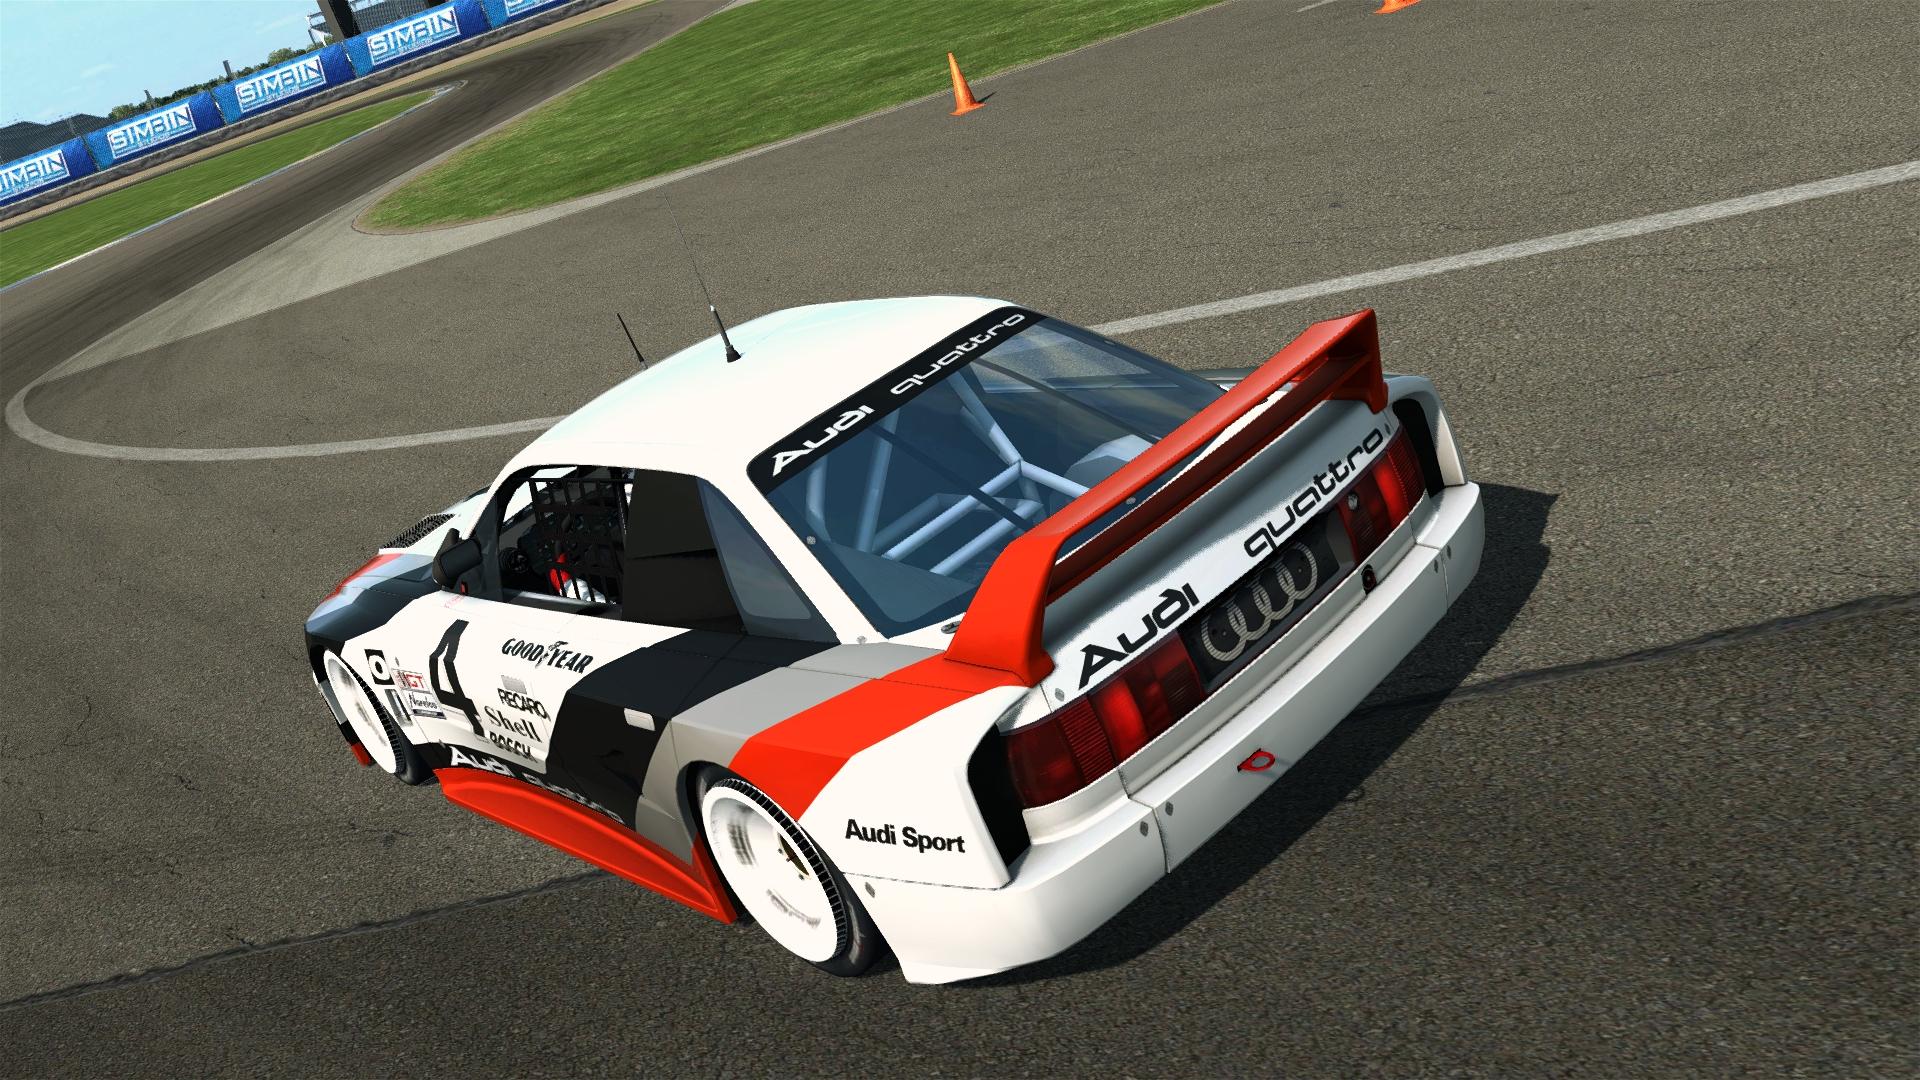 Audi 90 quattro GTO @ Indianapolis GP